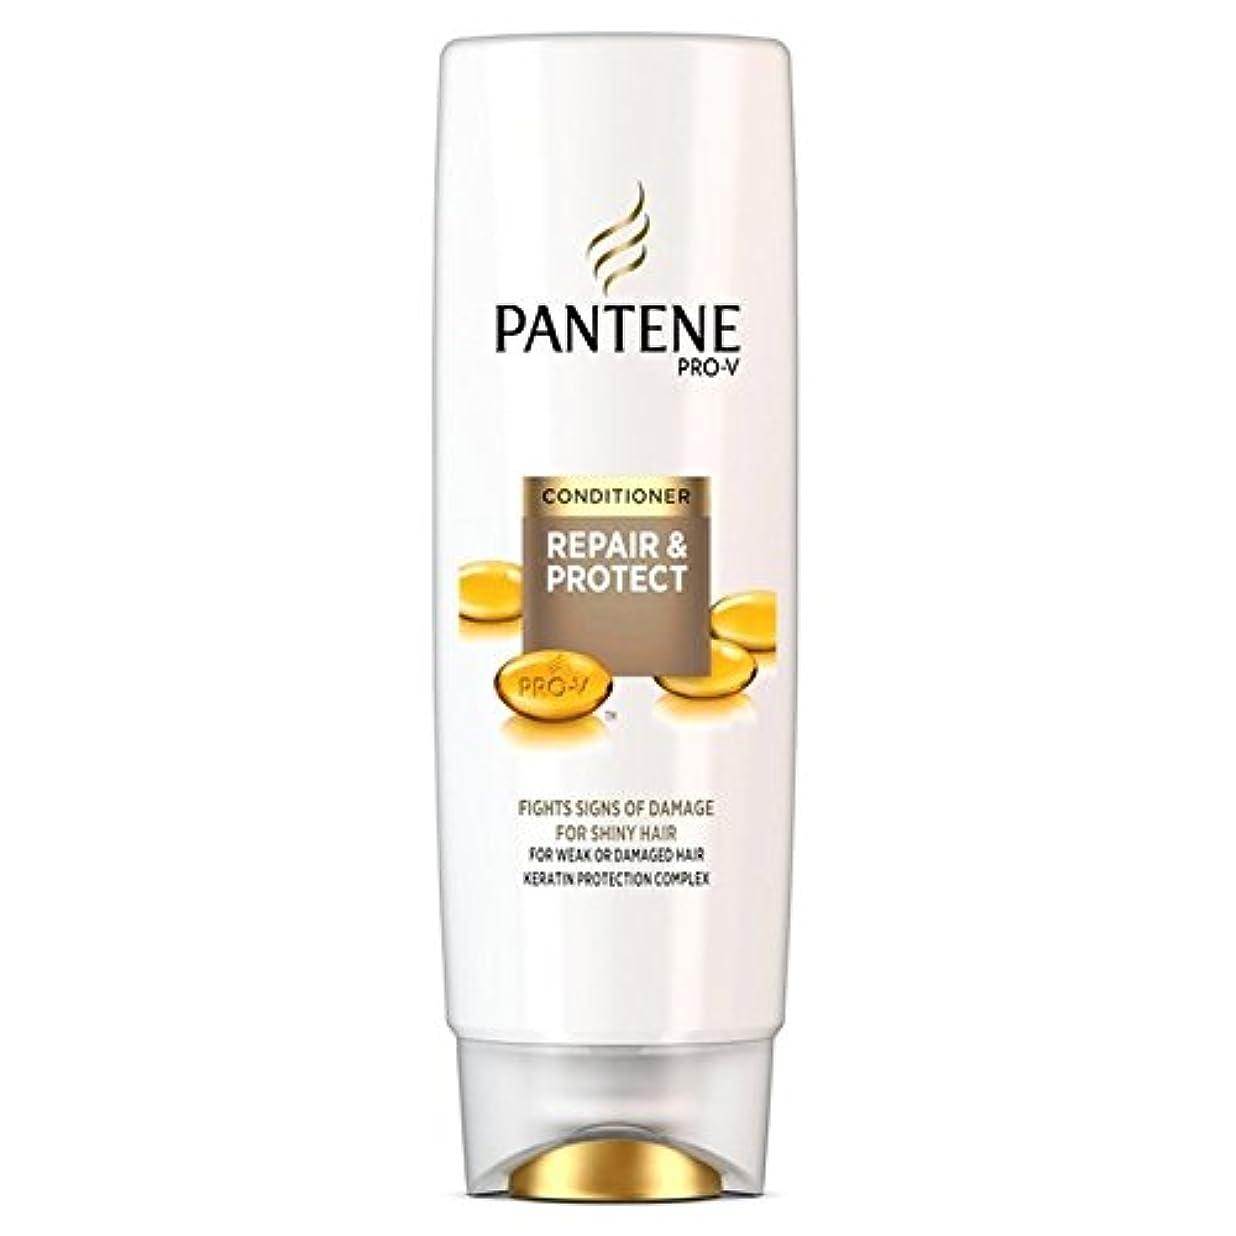 お願いします魅力動的パンテーンコンディショナーの修理&弱いか、傷んだ髪の250ミリリットルのための保護 x4 - Pantene Conditioner Repair & Protect For Weak Or Damaged Hair 250ml...